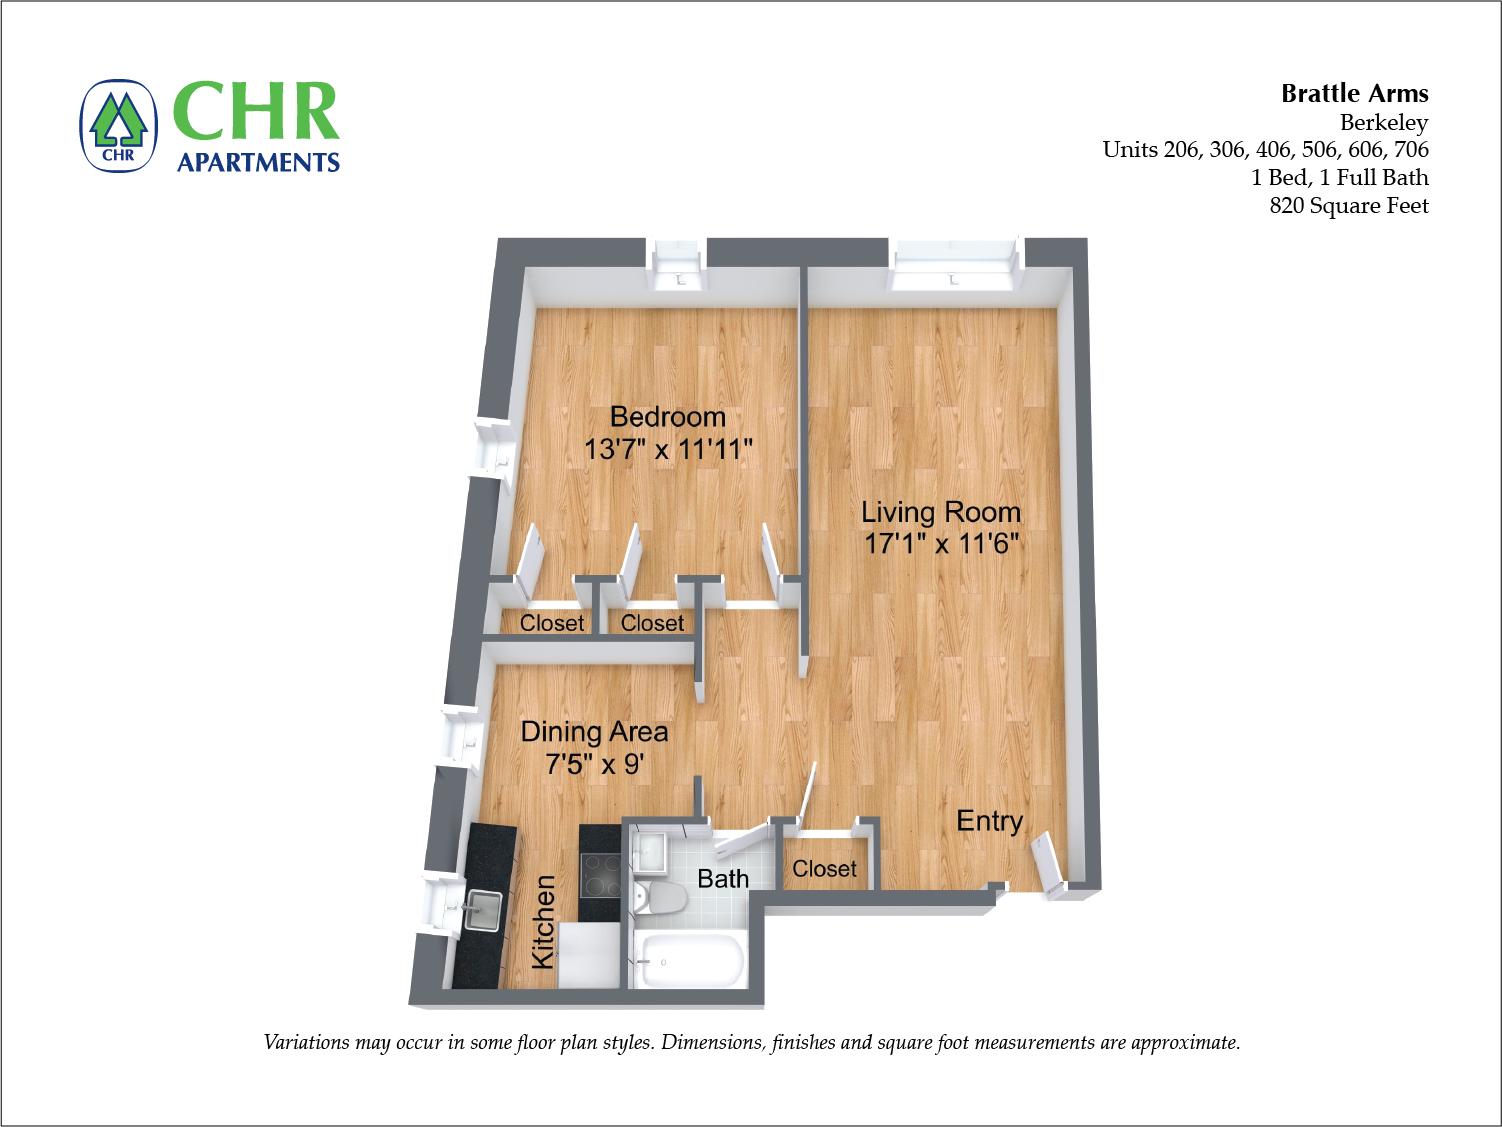 Floor plan 1 BR image 5